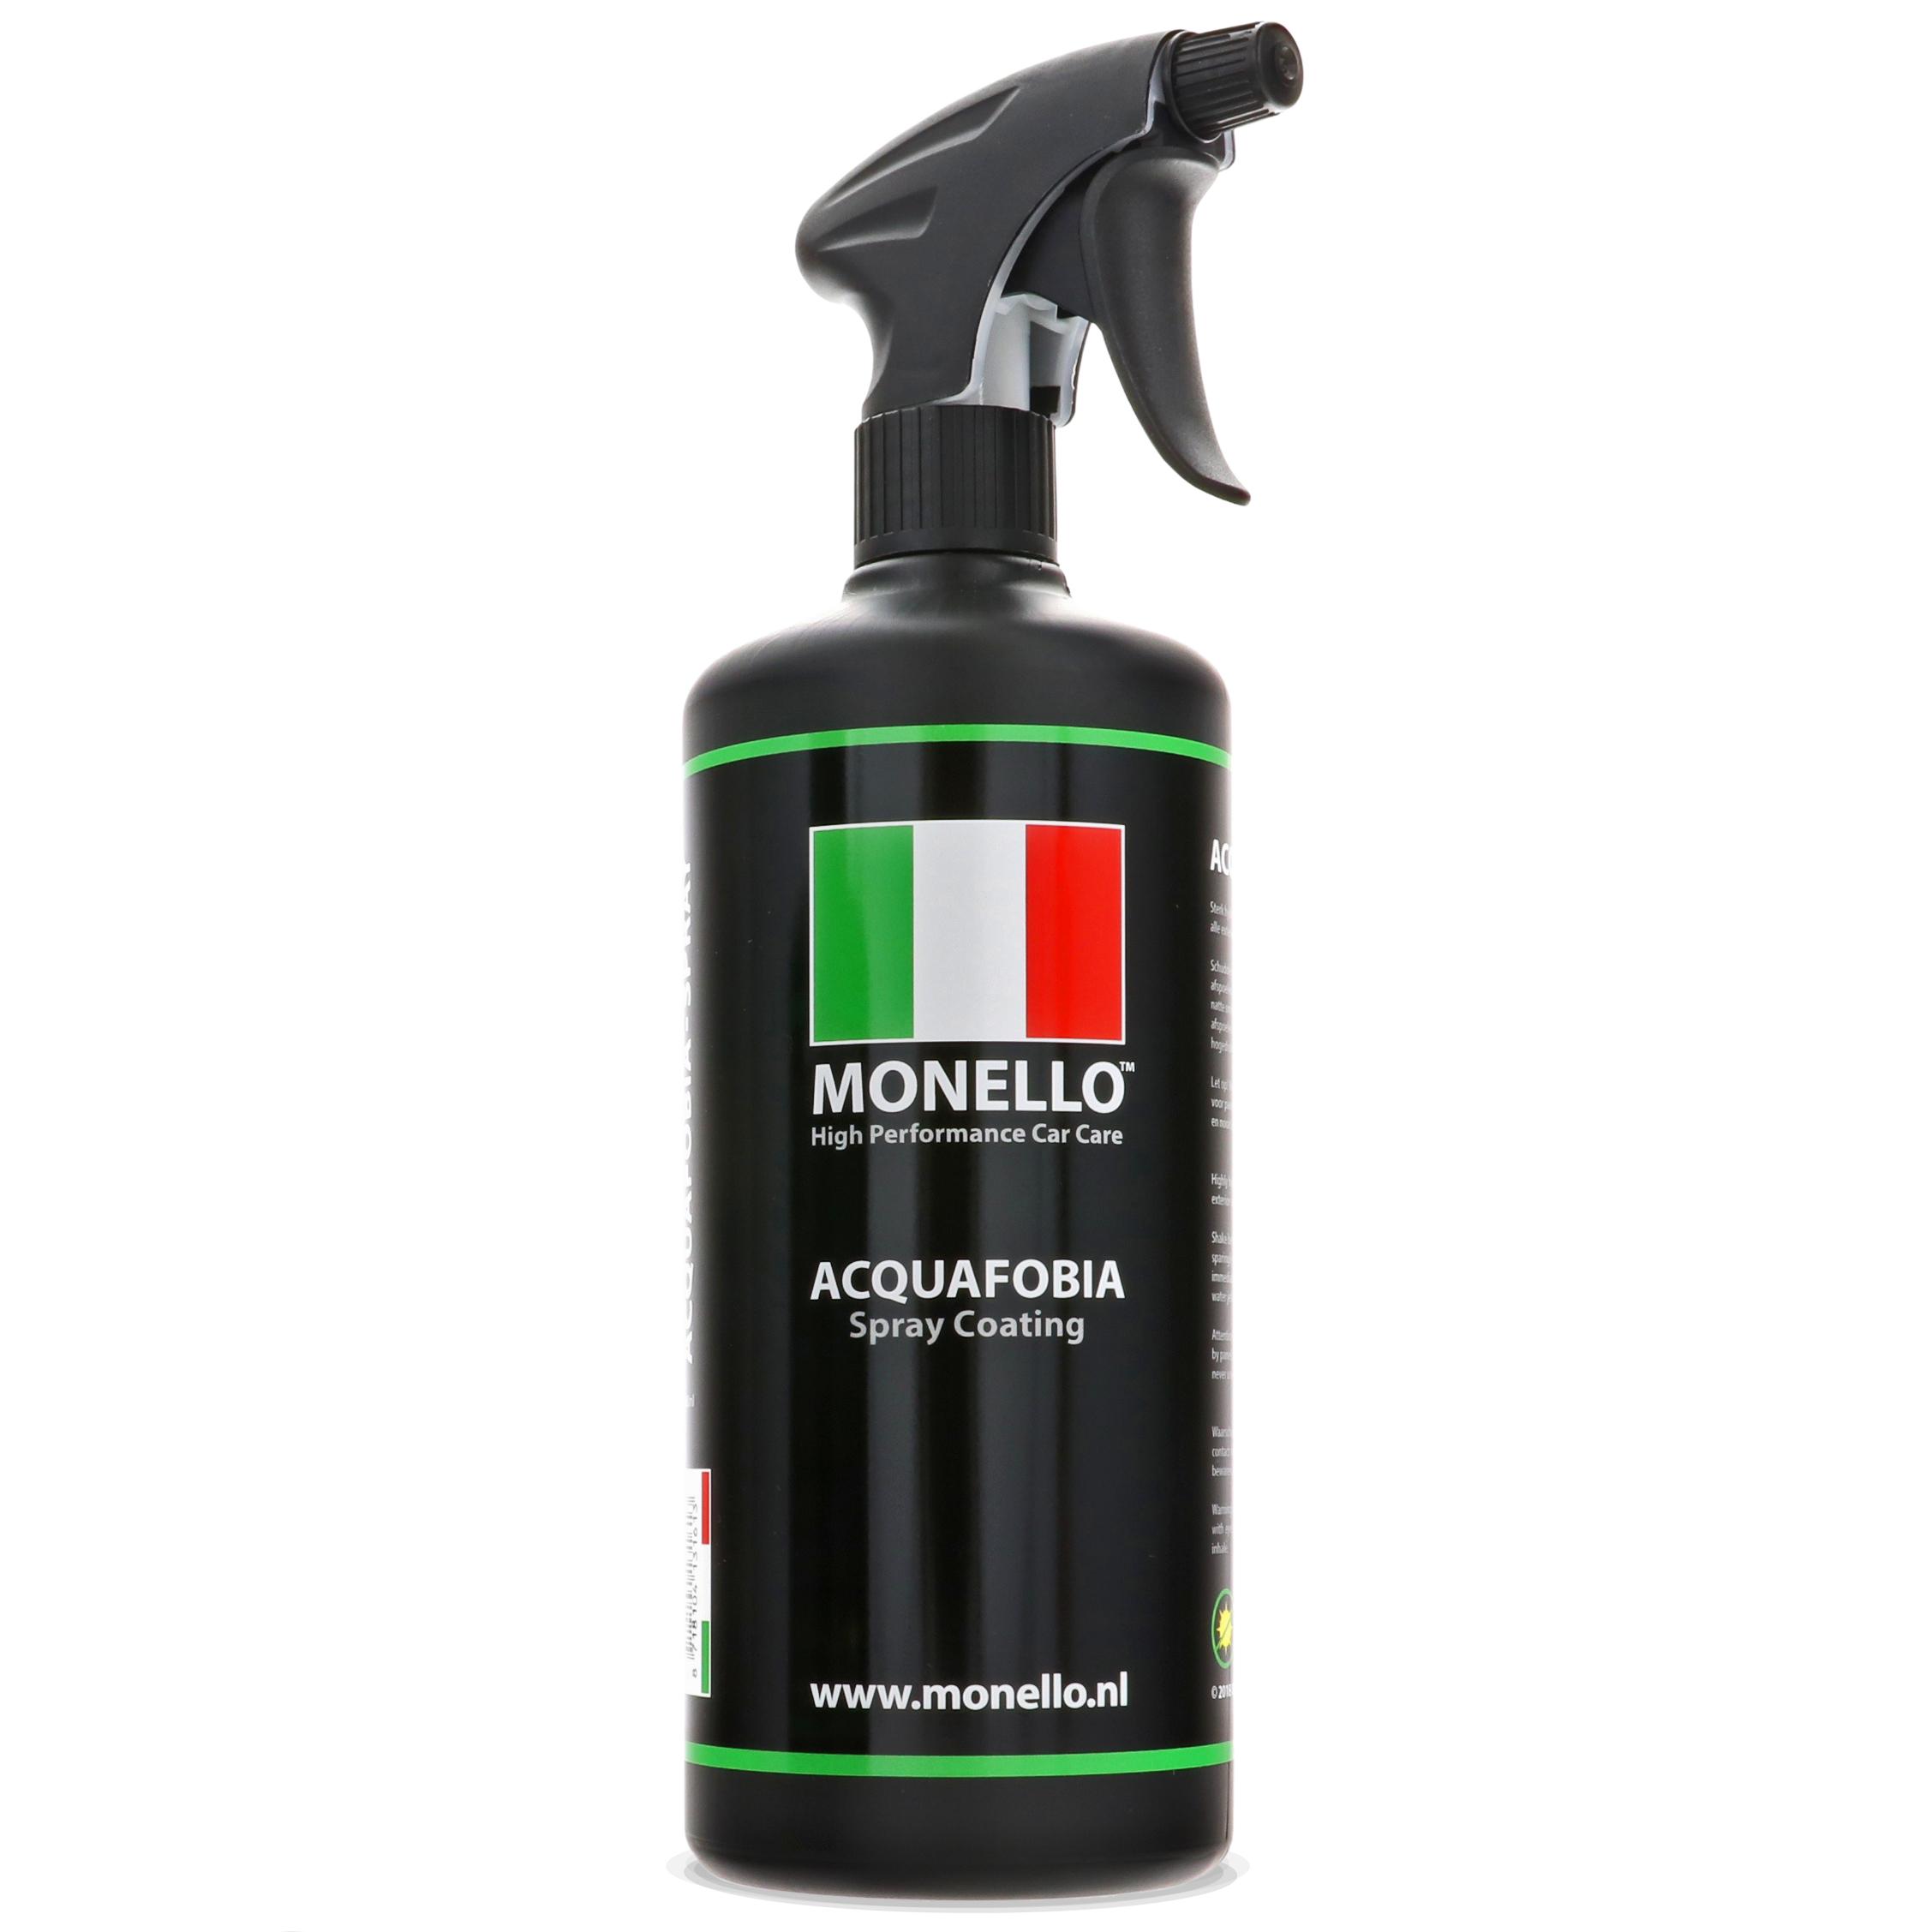 Monello Acquafobia 1000ml